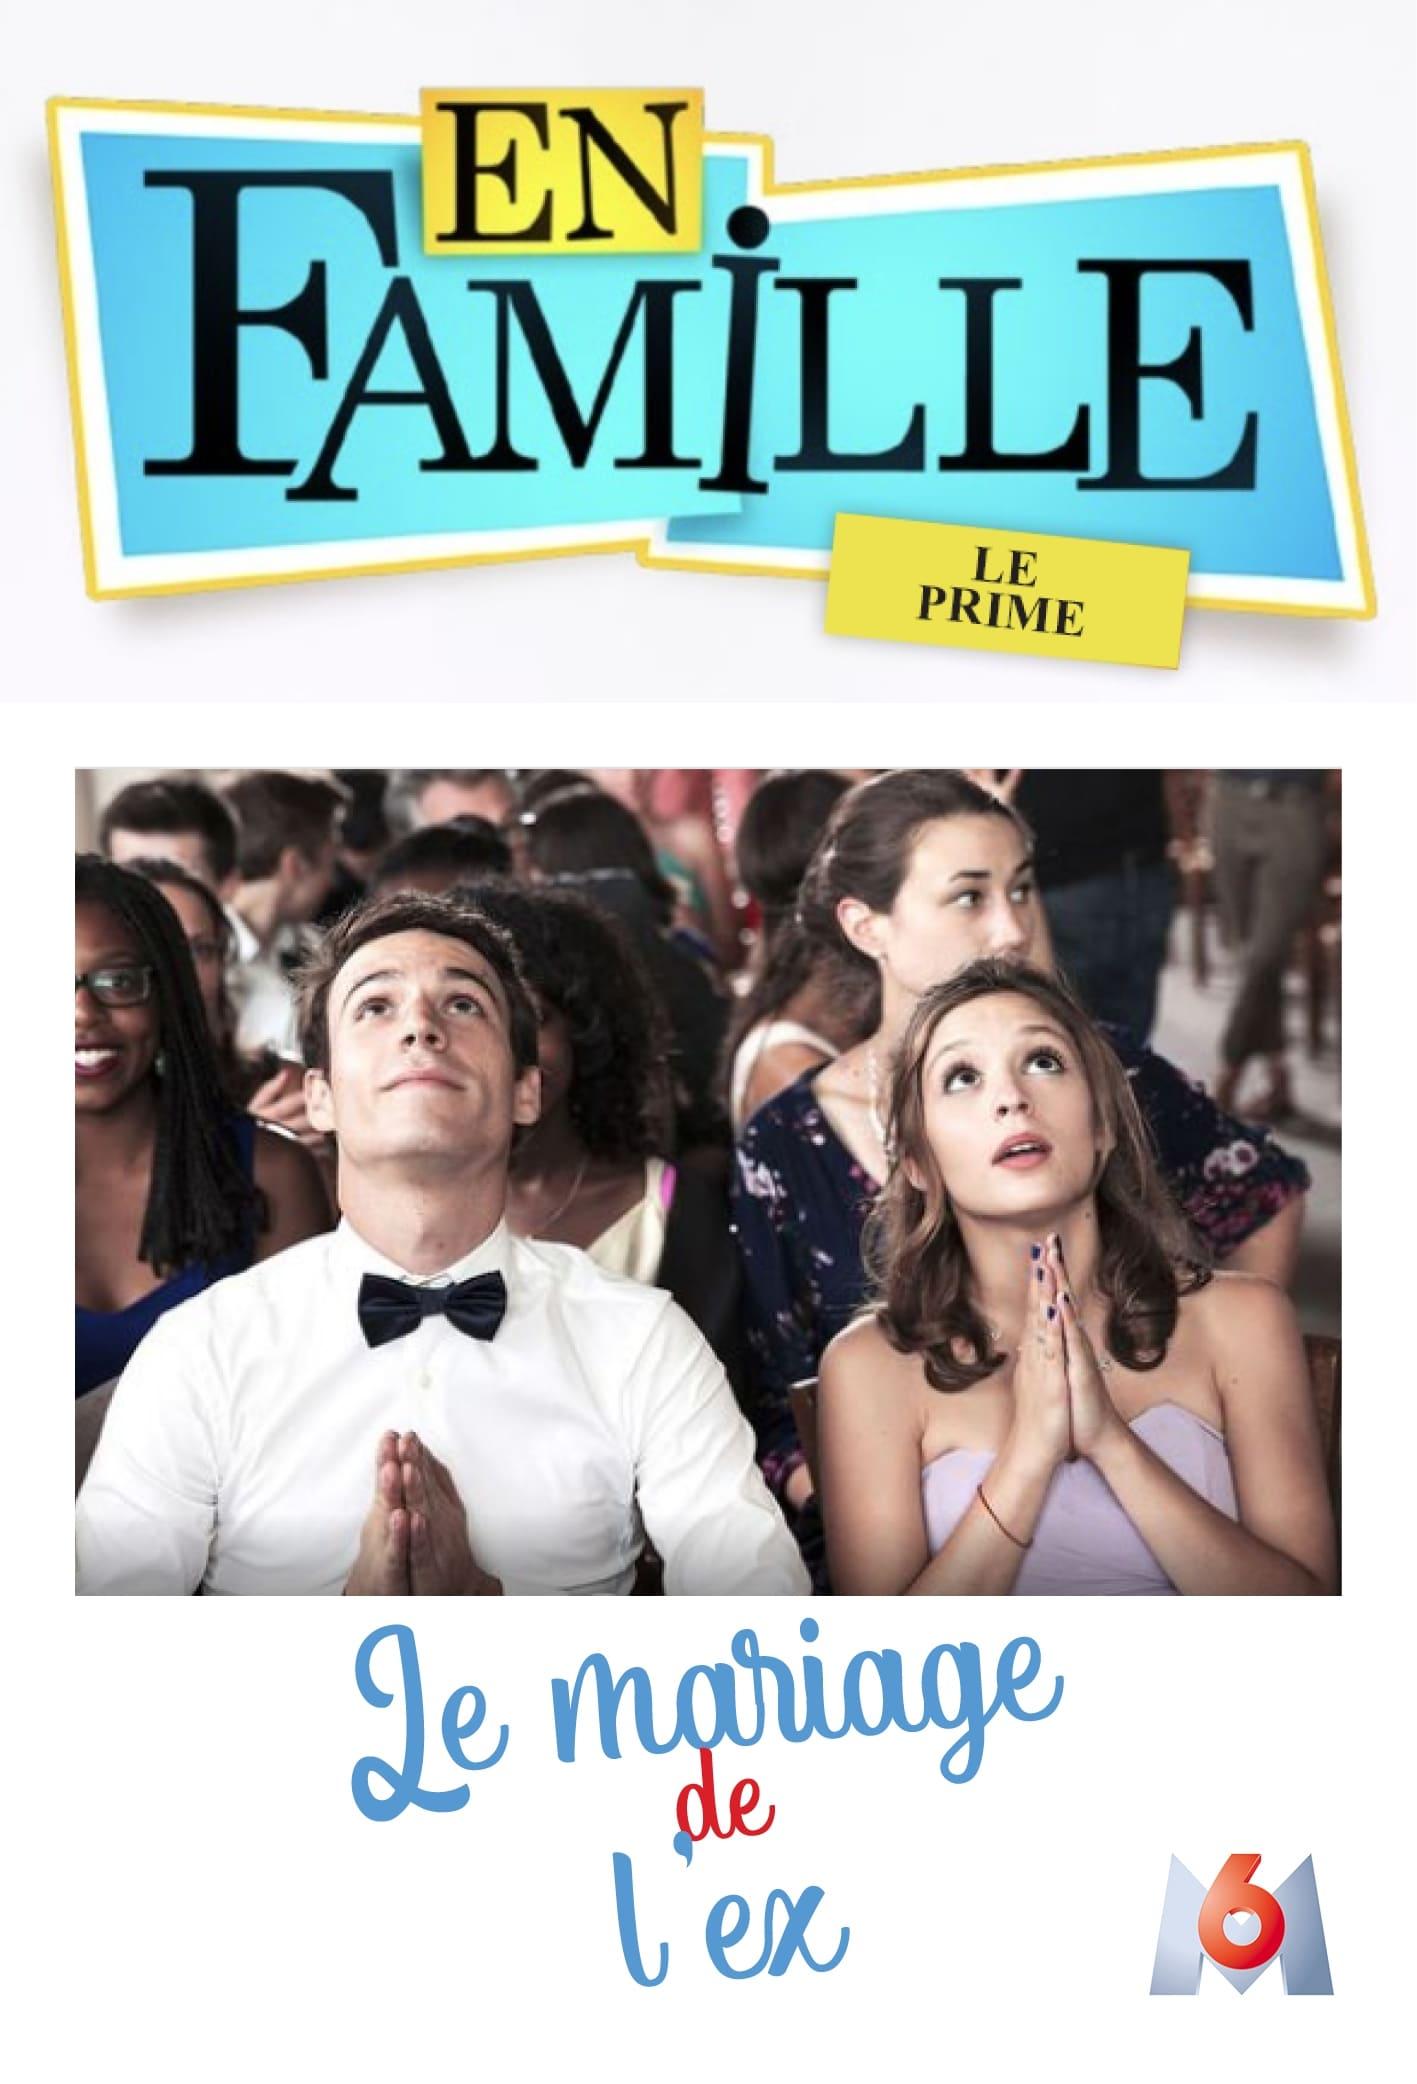 En famille :  Le mariage de l'ex (2016)